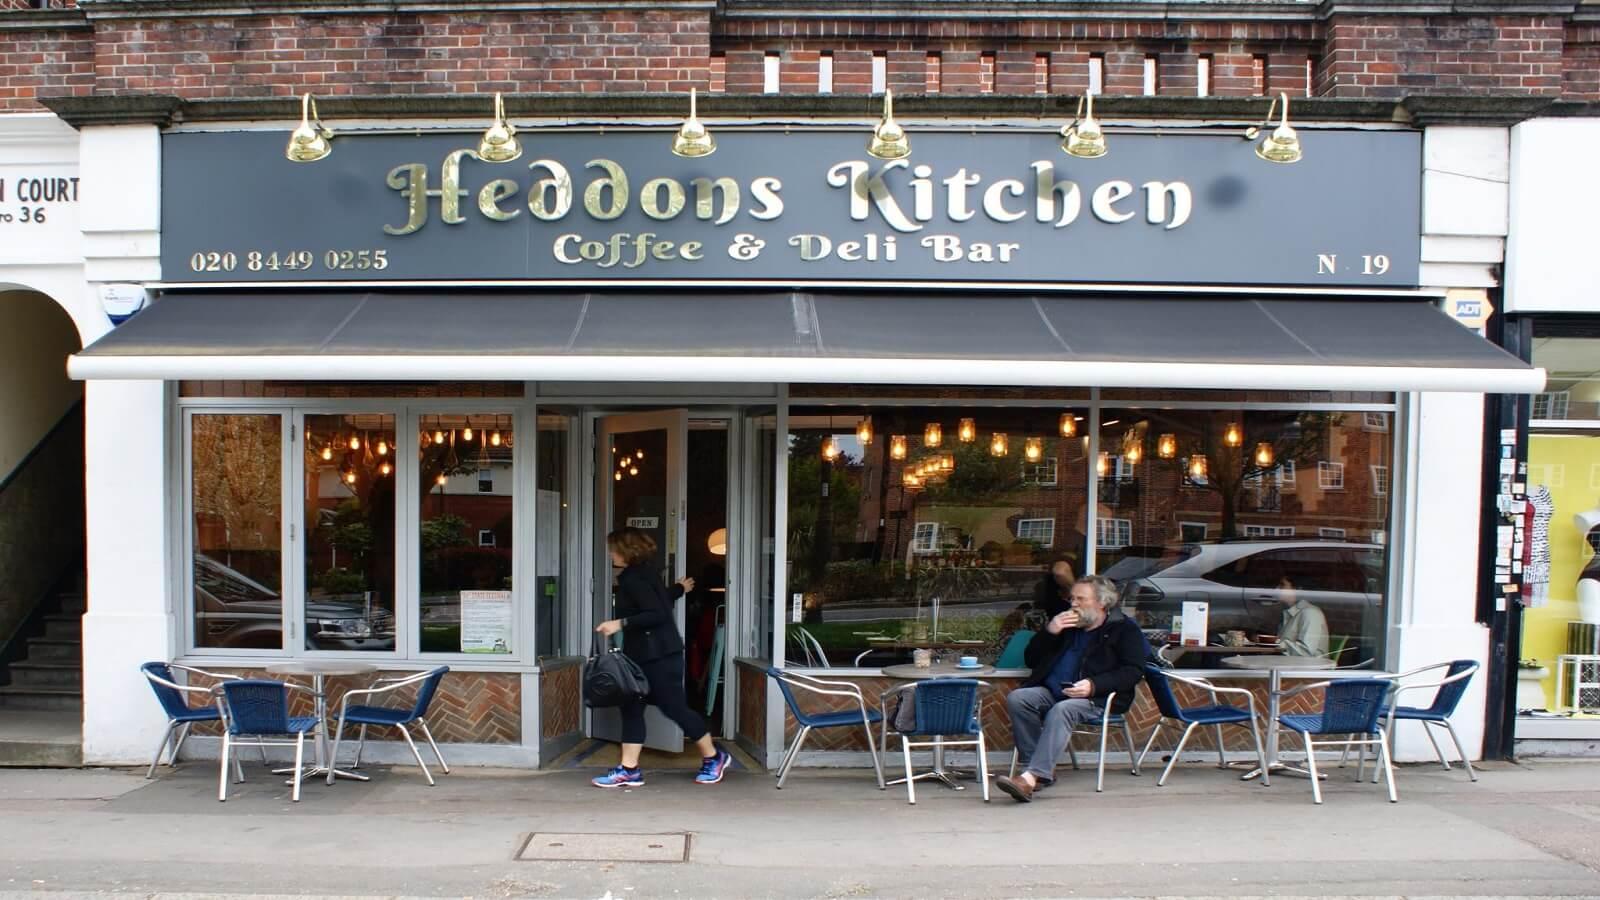 Heddons Kitchen